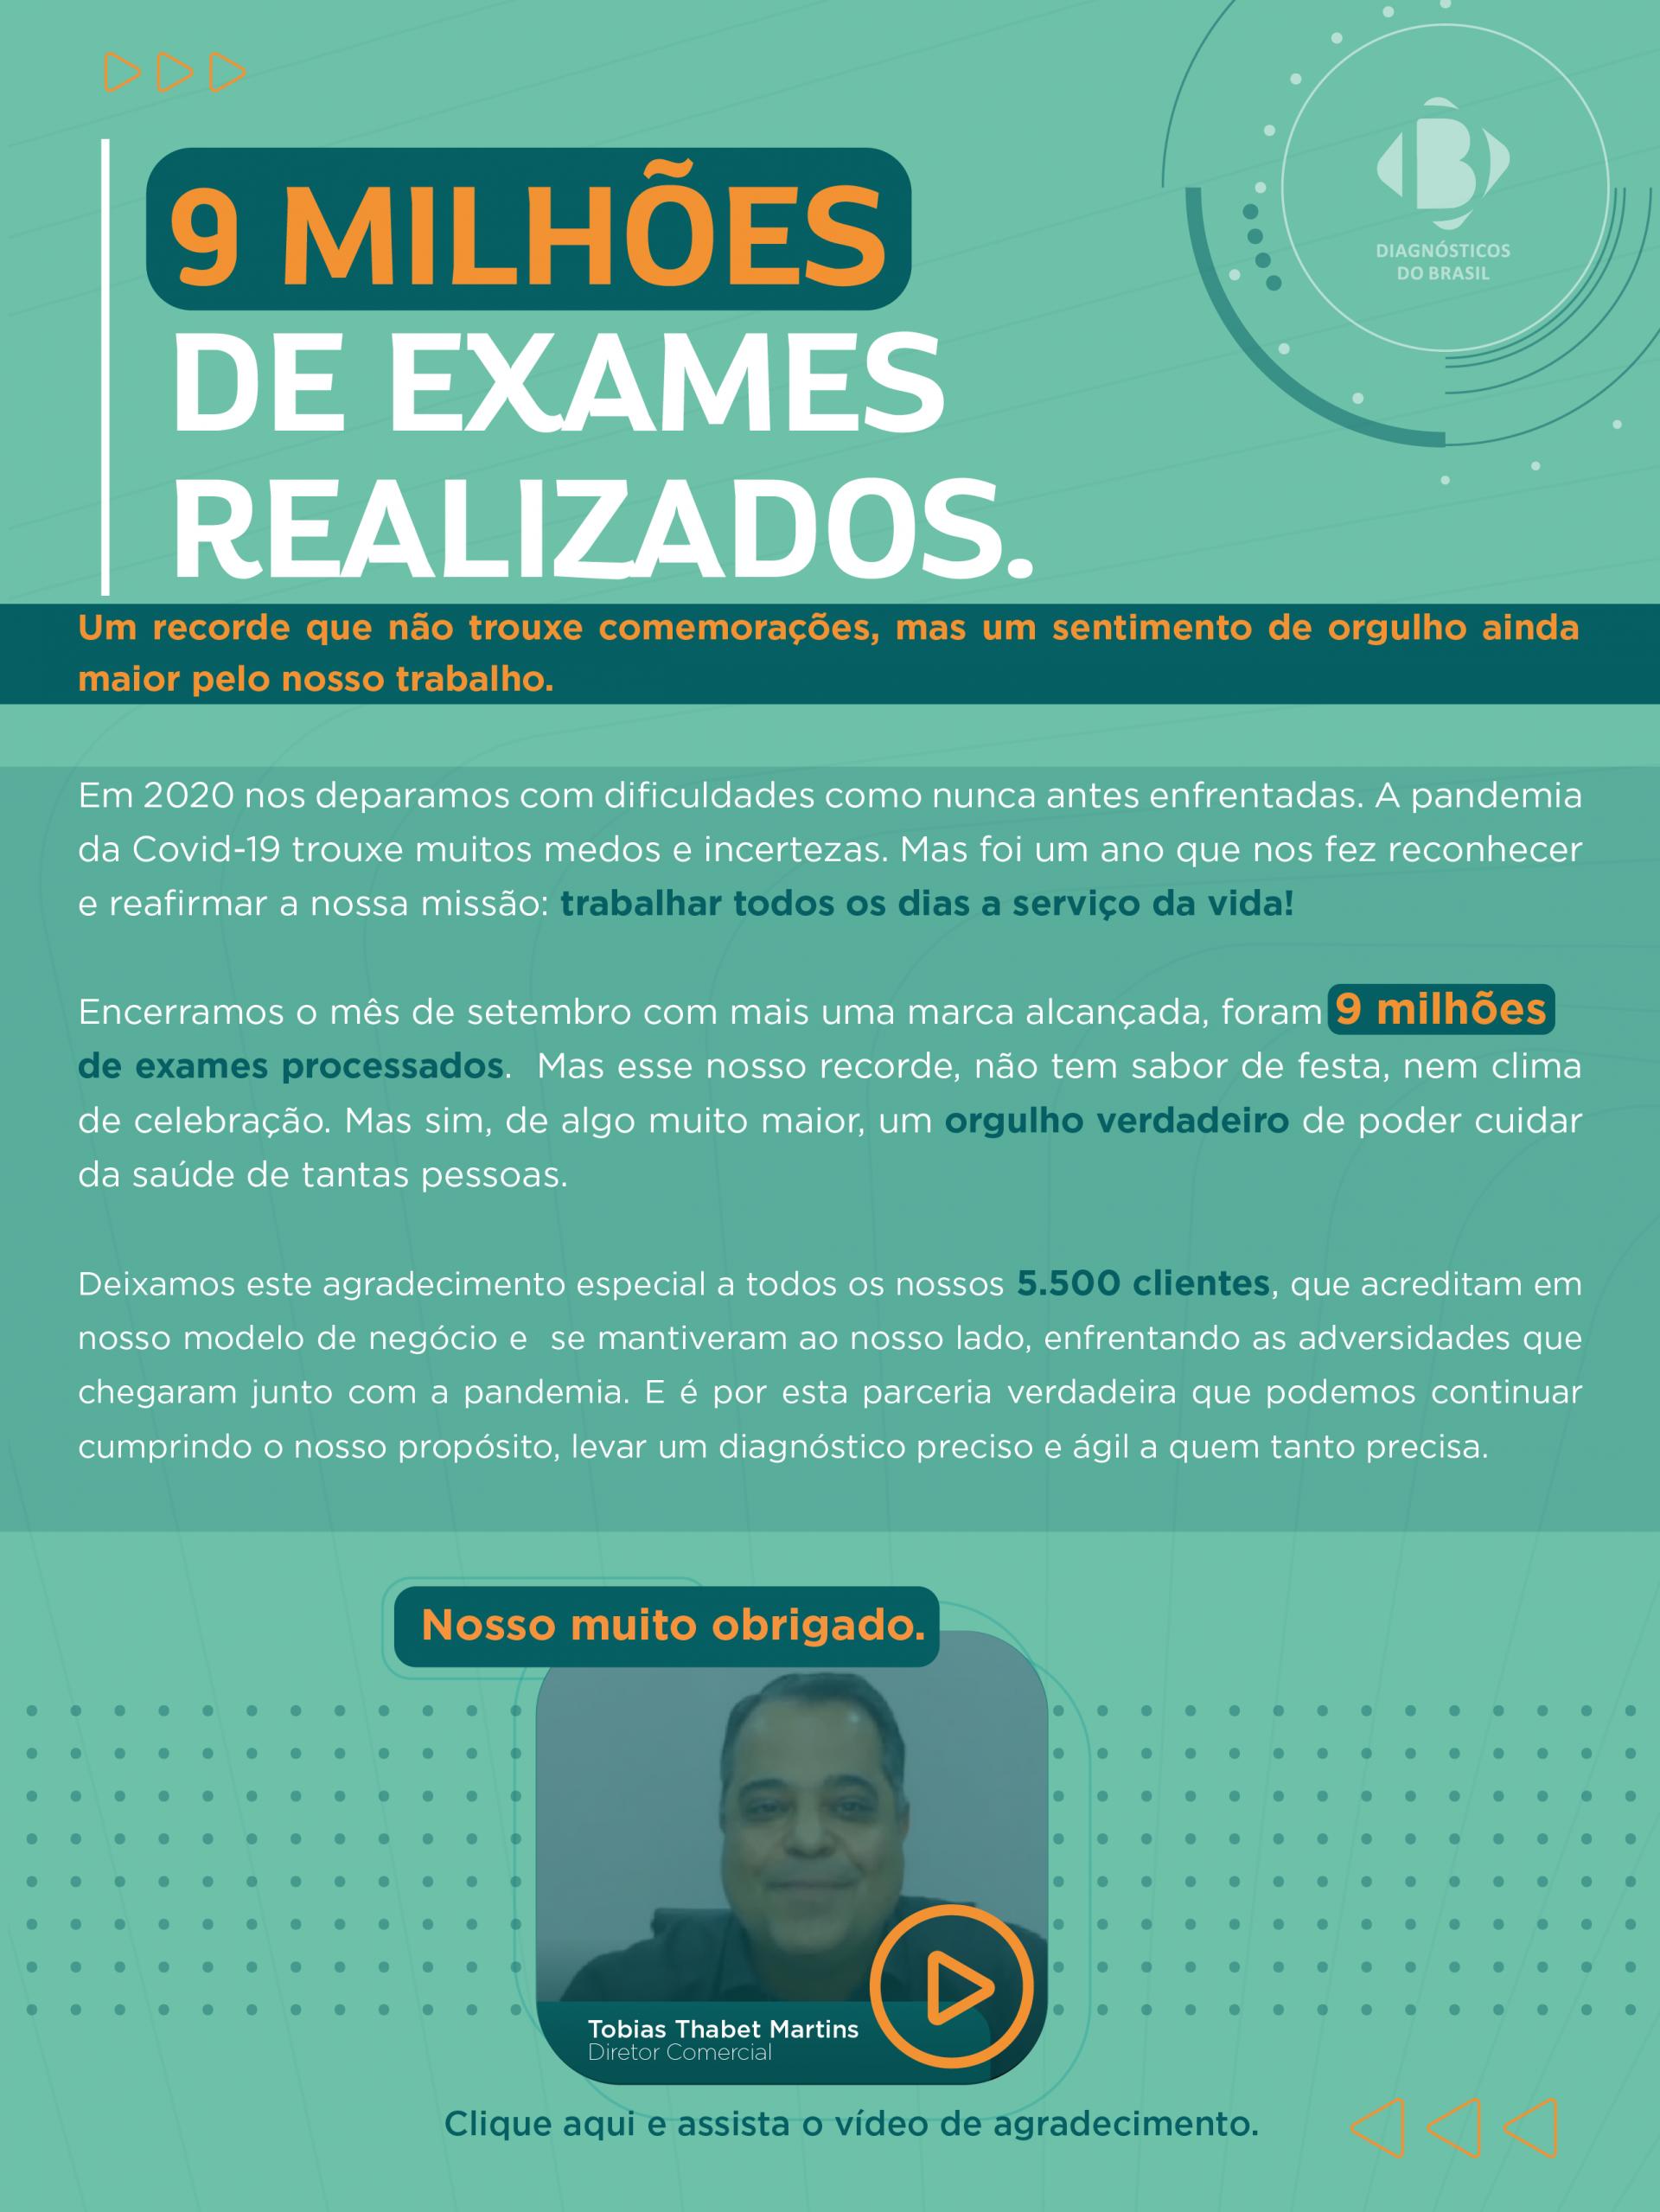 NOVE MILHÕES DE EXAMES REALIZADOS